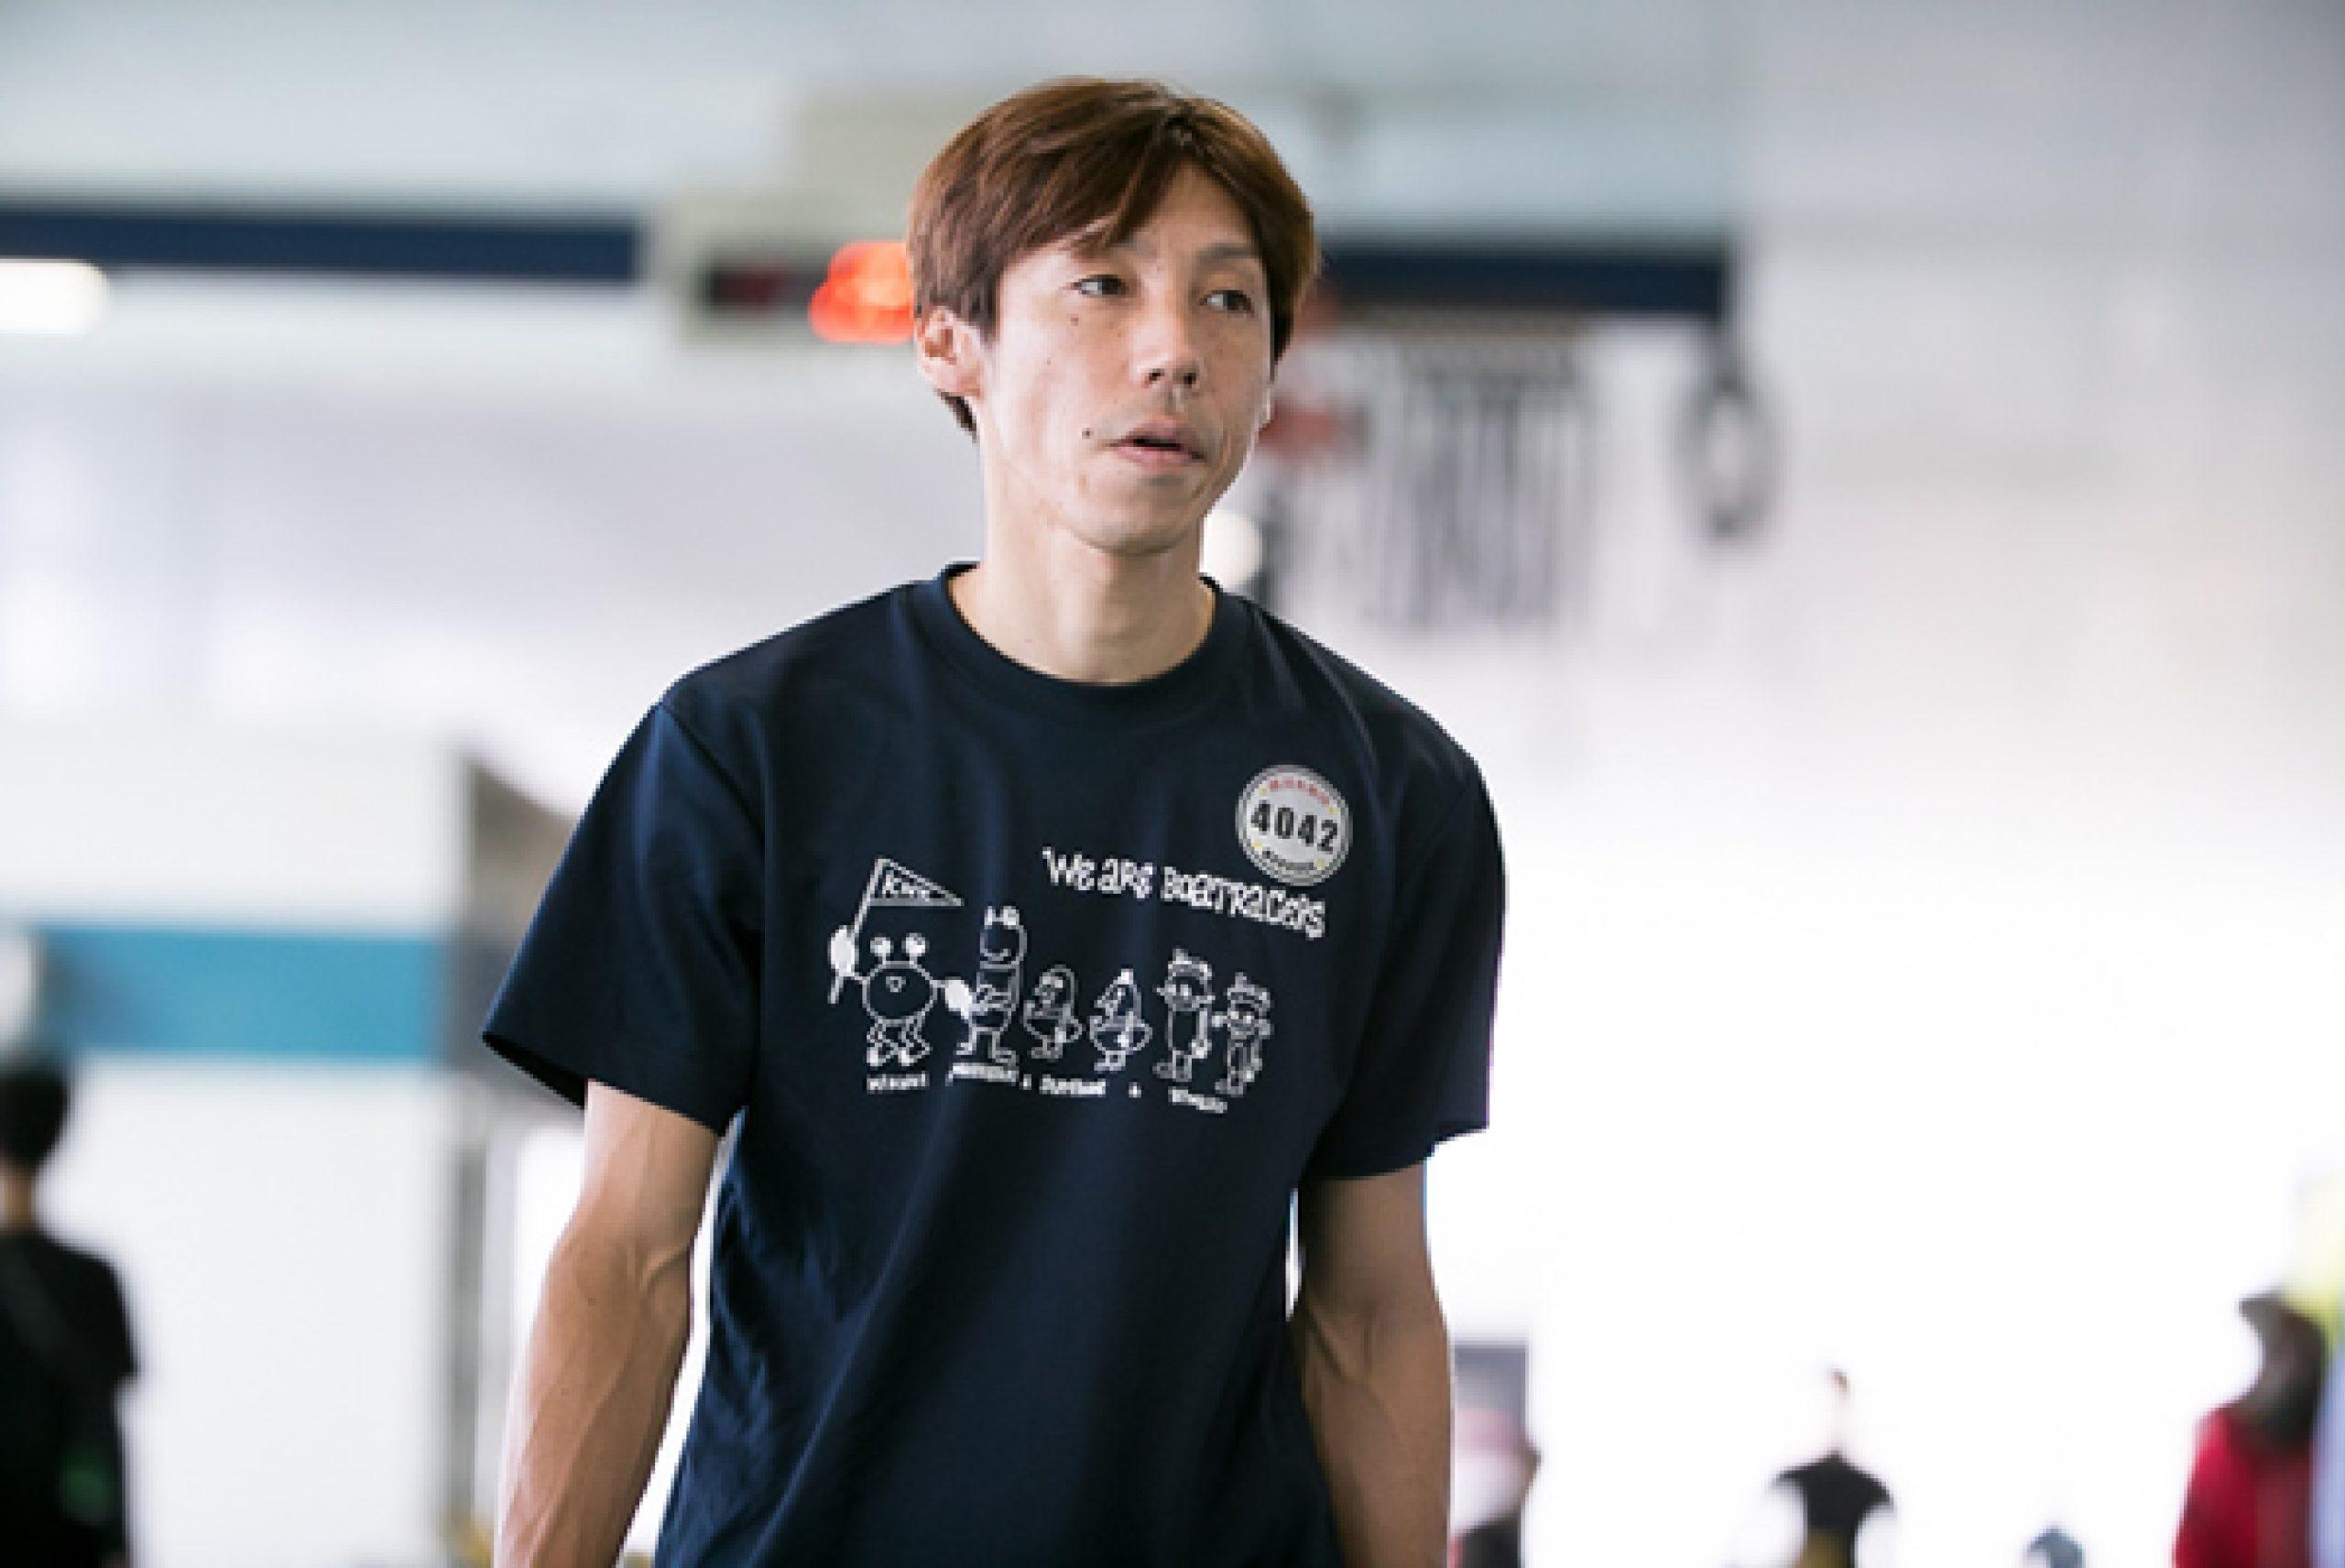 びわこモーターボート大賞2021スター候補襲来!(びわこG2)2